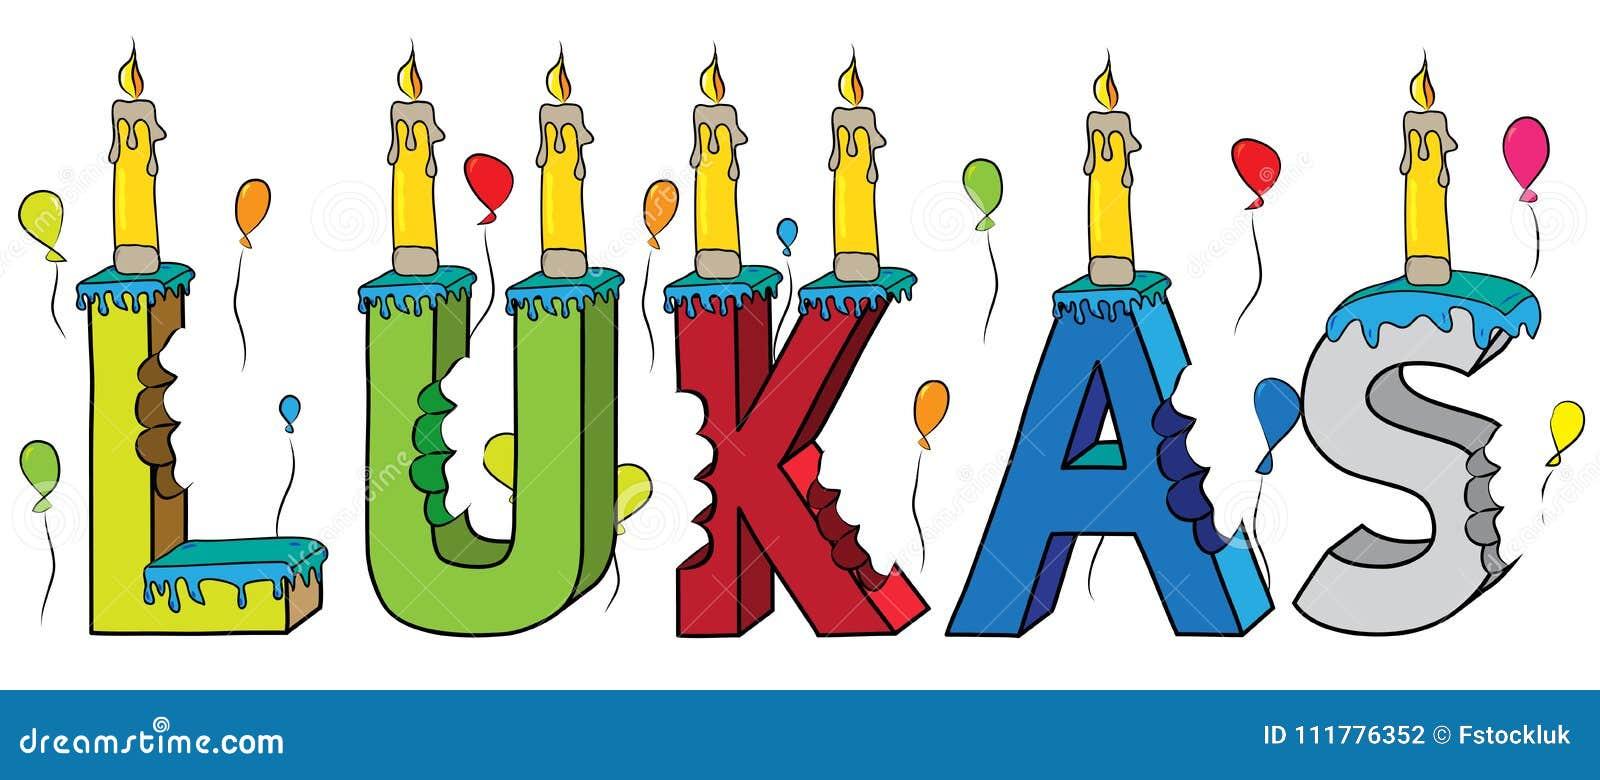 Gebeten kleurrijke 3d van letters voorziende de verjaardagscake van de Lukas mannelijke voornaam met kaarsen en ballons